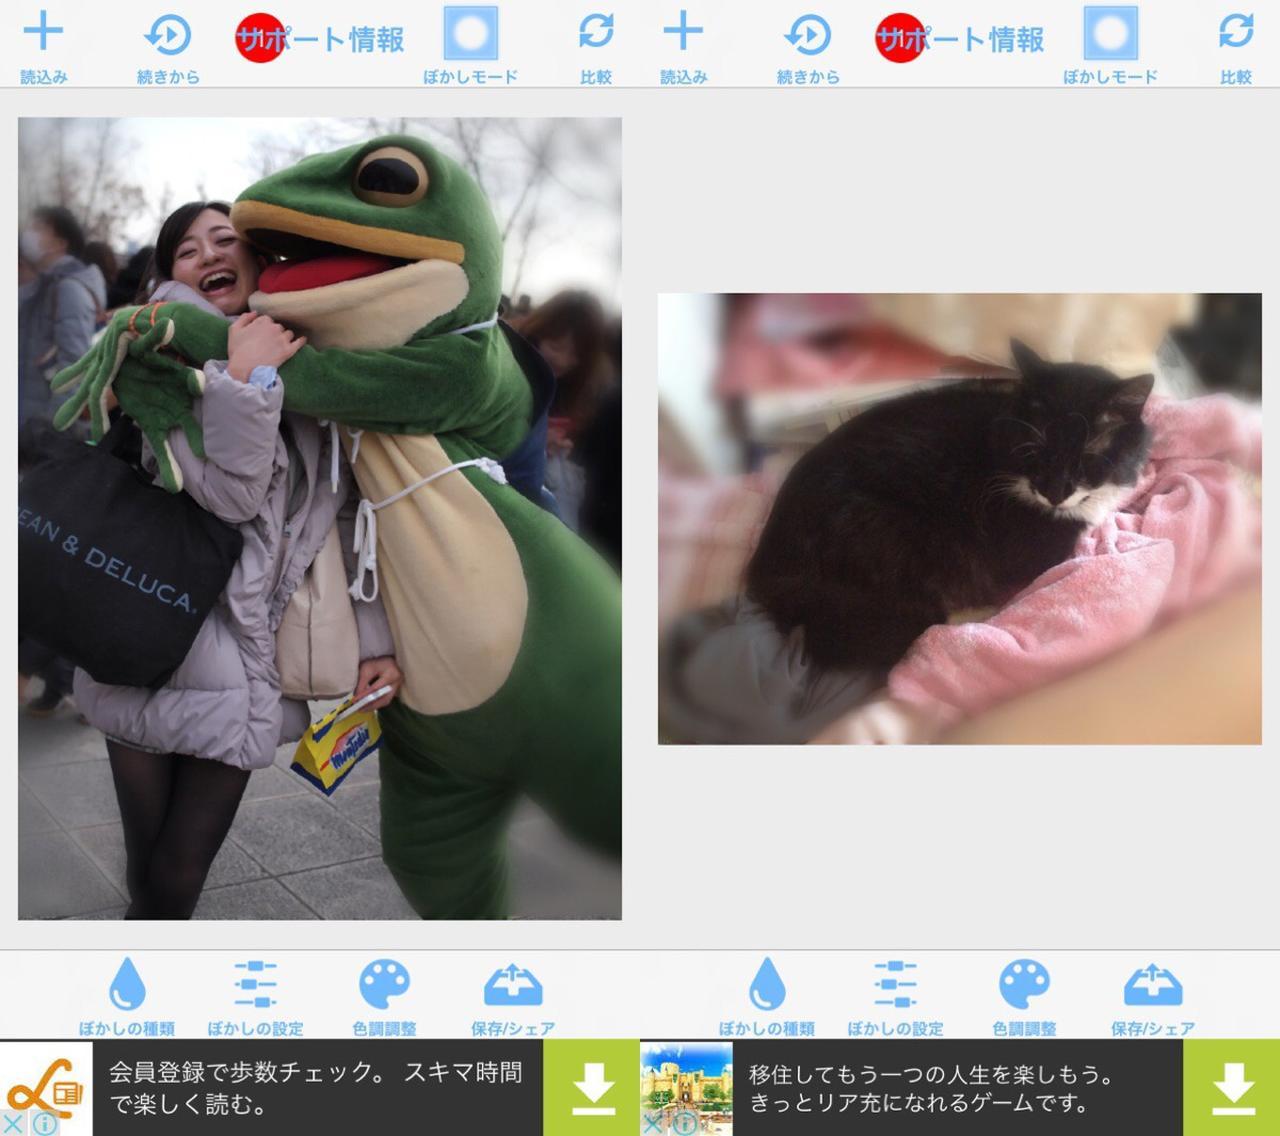 画像1: 写り込んでしまったものをぼかすもよし、雰囲気良く加工するもよしのアプリ。